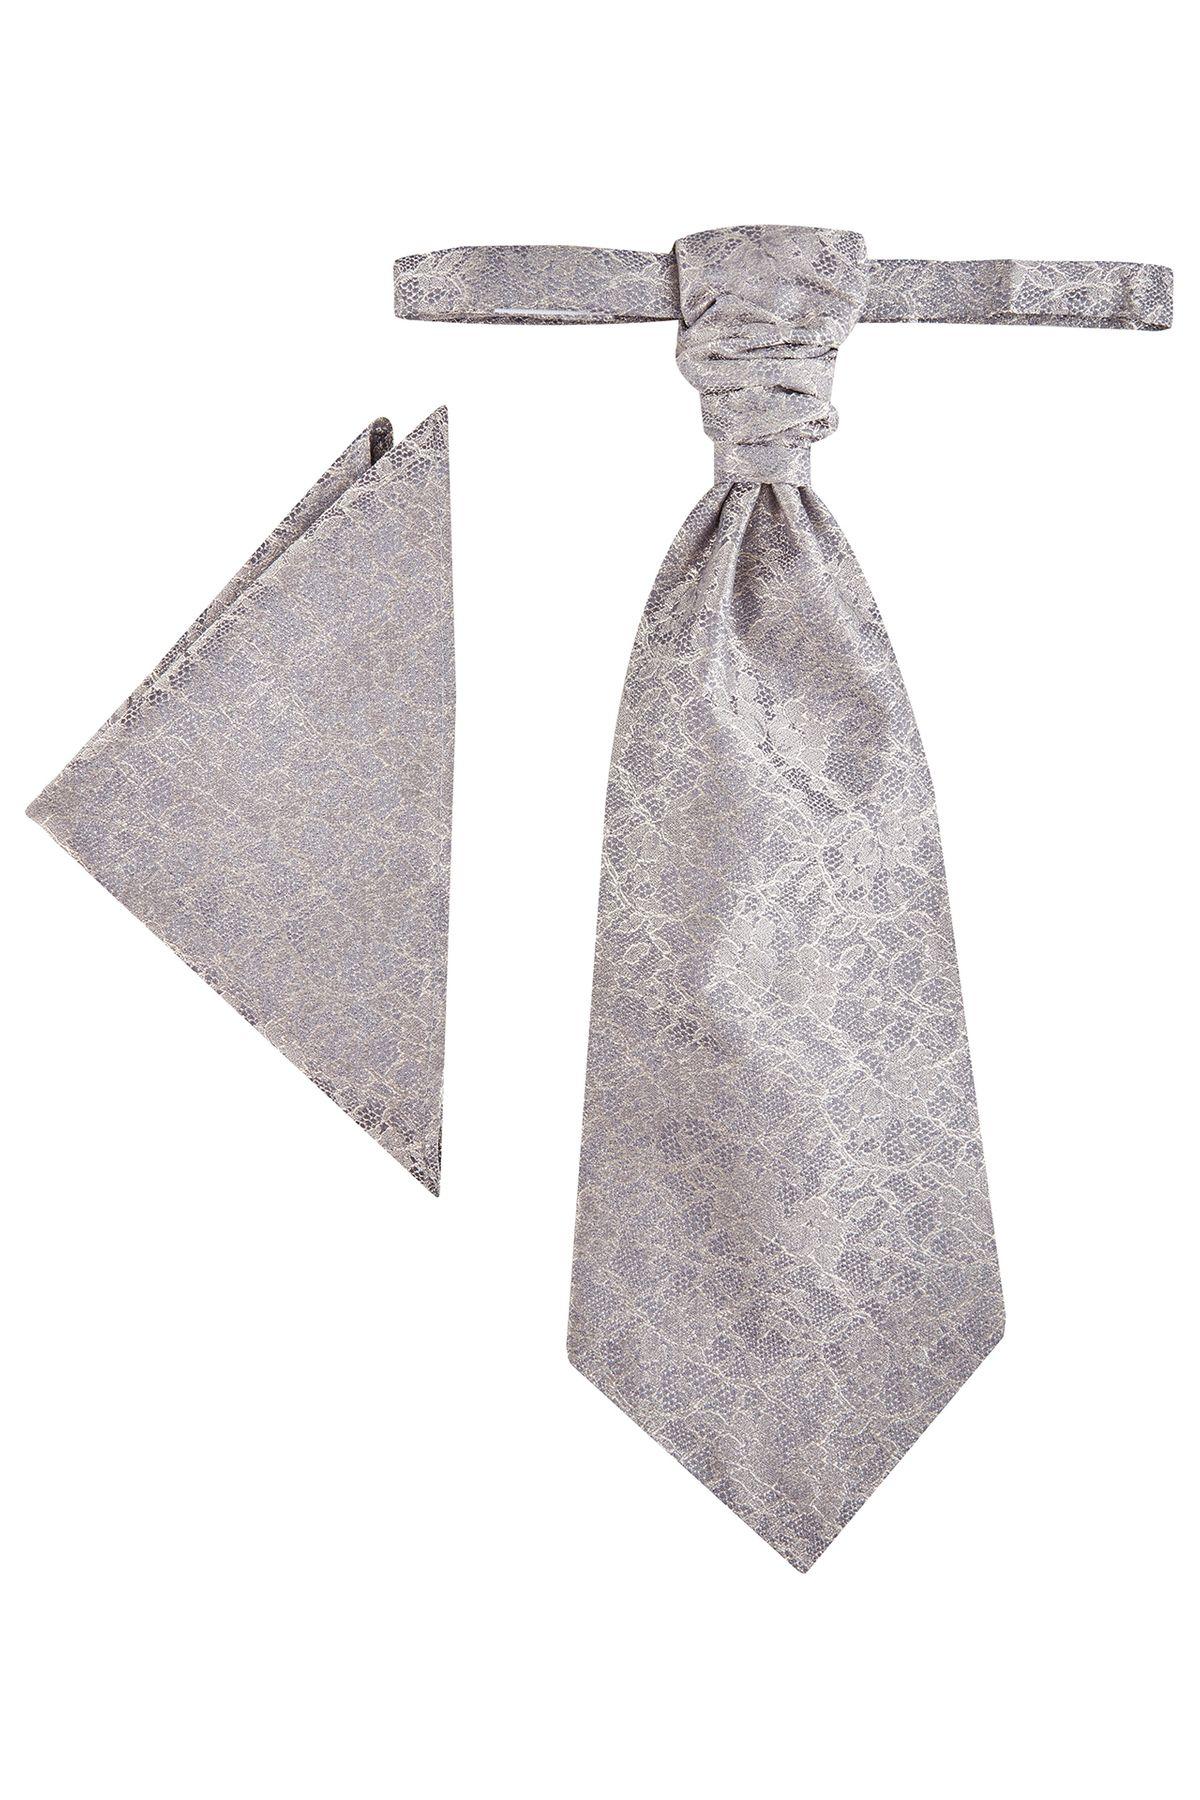 Wilvorst - Krawattenplastron mit Einstecktuch (Art.467103/25 Modell: 0622)